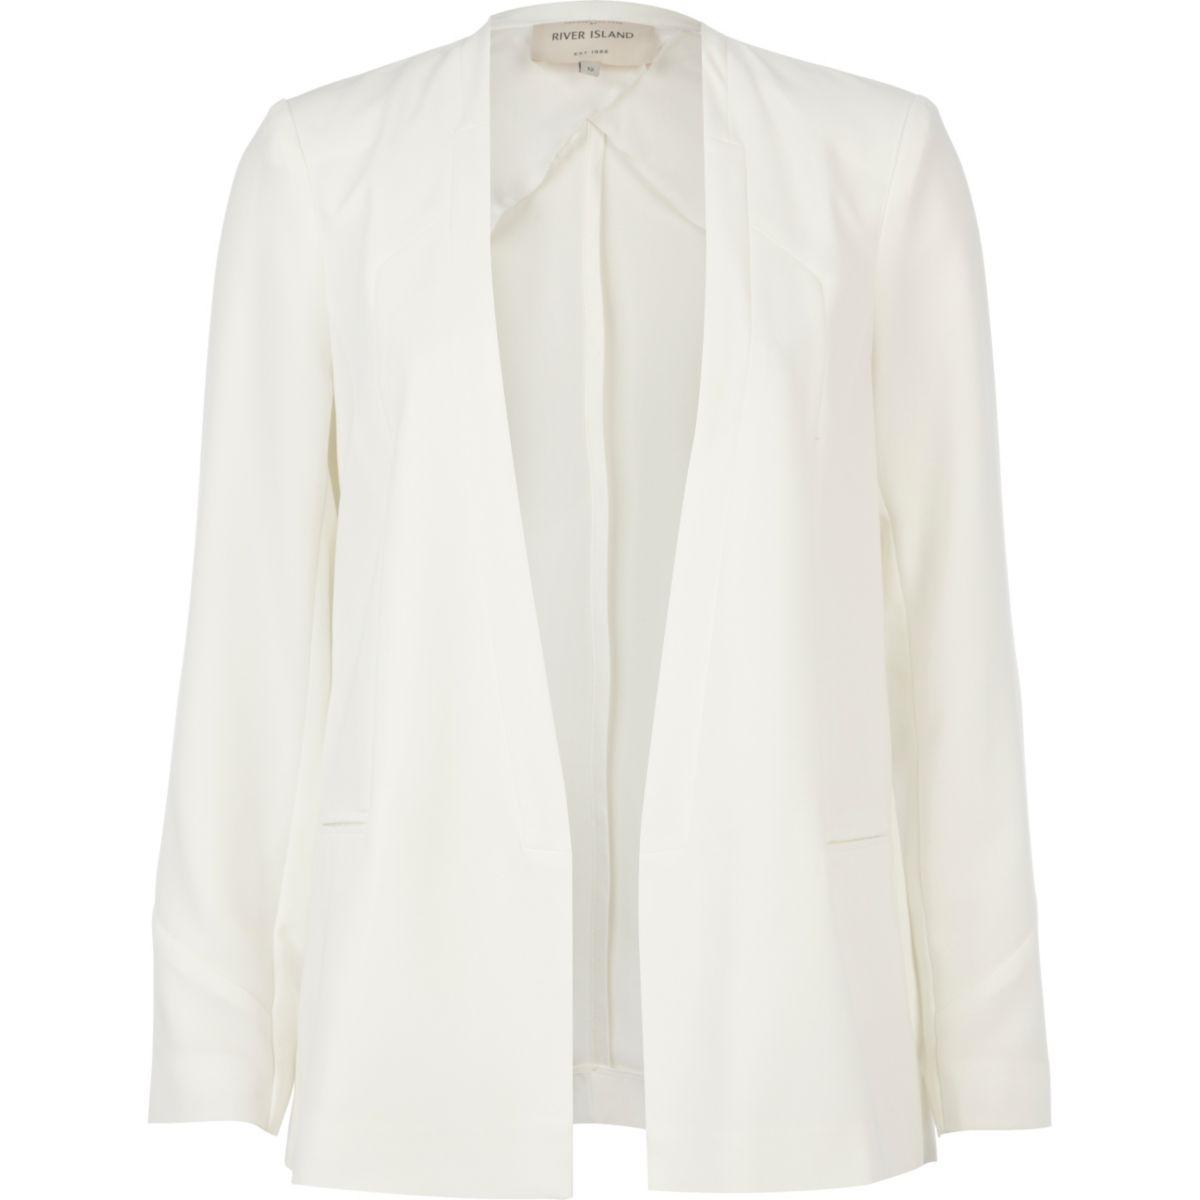 White collarless unfastened smart blazer